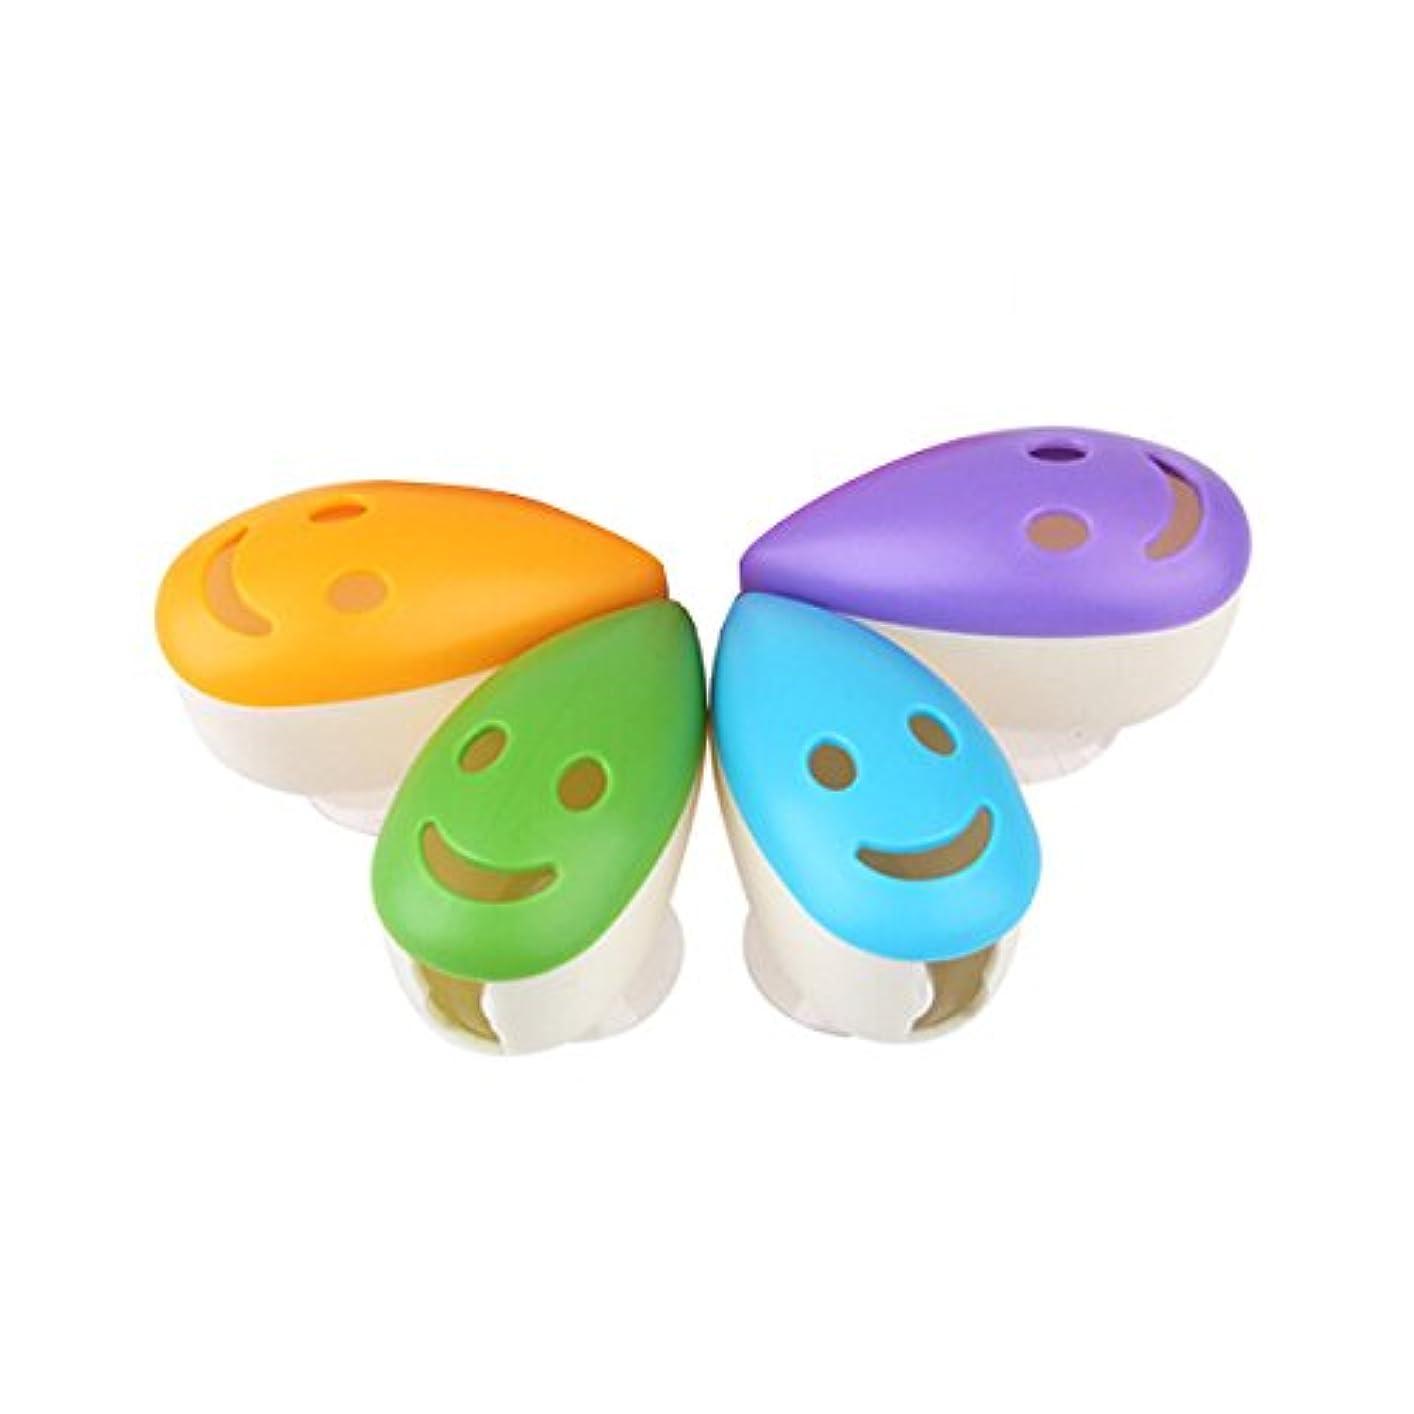 岸百年エイリアスROSENICE スマイルフェイス抗菌歯ブラシヘッドホルダーサクションカップ4本用